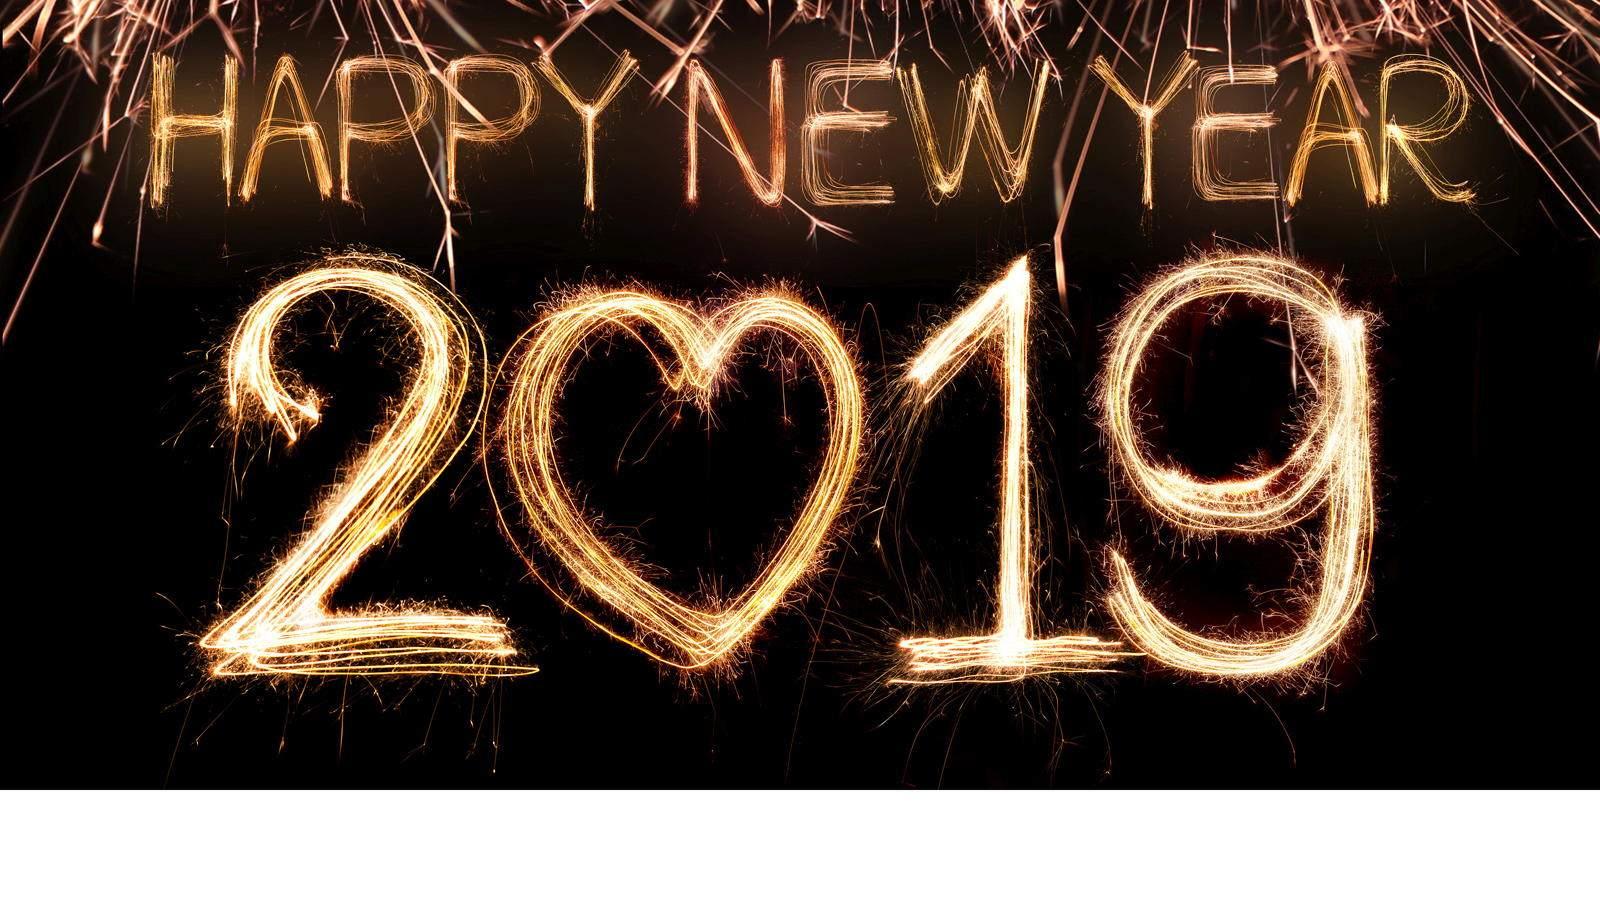 Liebe Mini Mundus Freunde, wir wünschen Ihnen ein wundervolles neues Jahr!